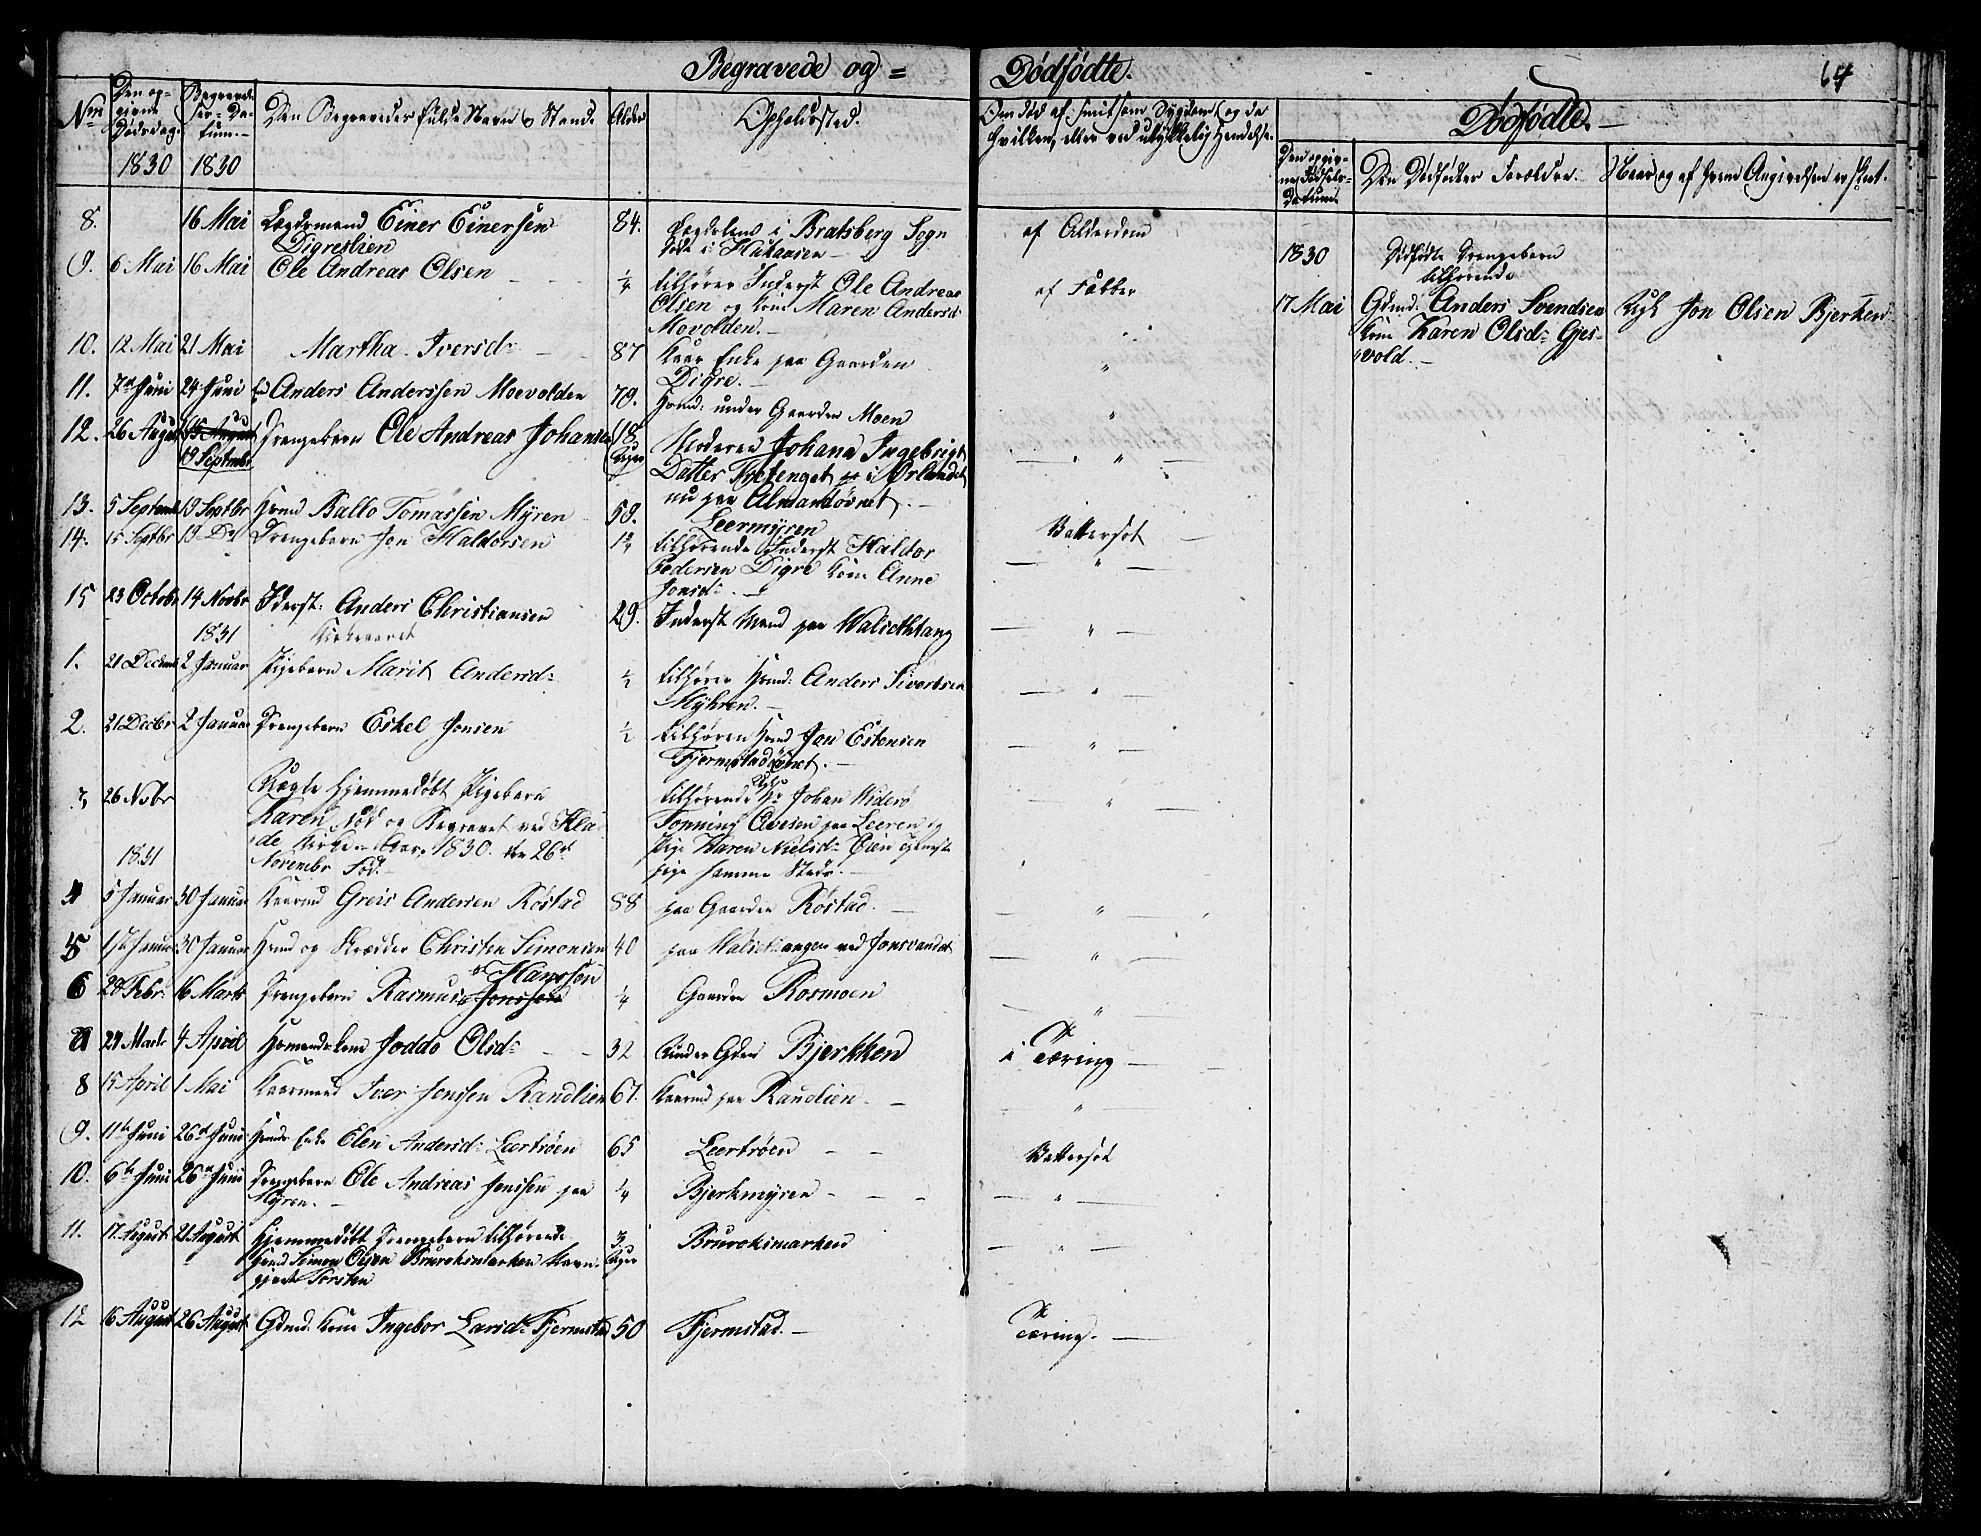 SAT, Ministerialprotokoller, klokkerbøker og fødselsregistre - Sør-Trøndelag, 608/L0337: Klokkerbok nr. 608C03, 1821-1831, s. 64